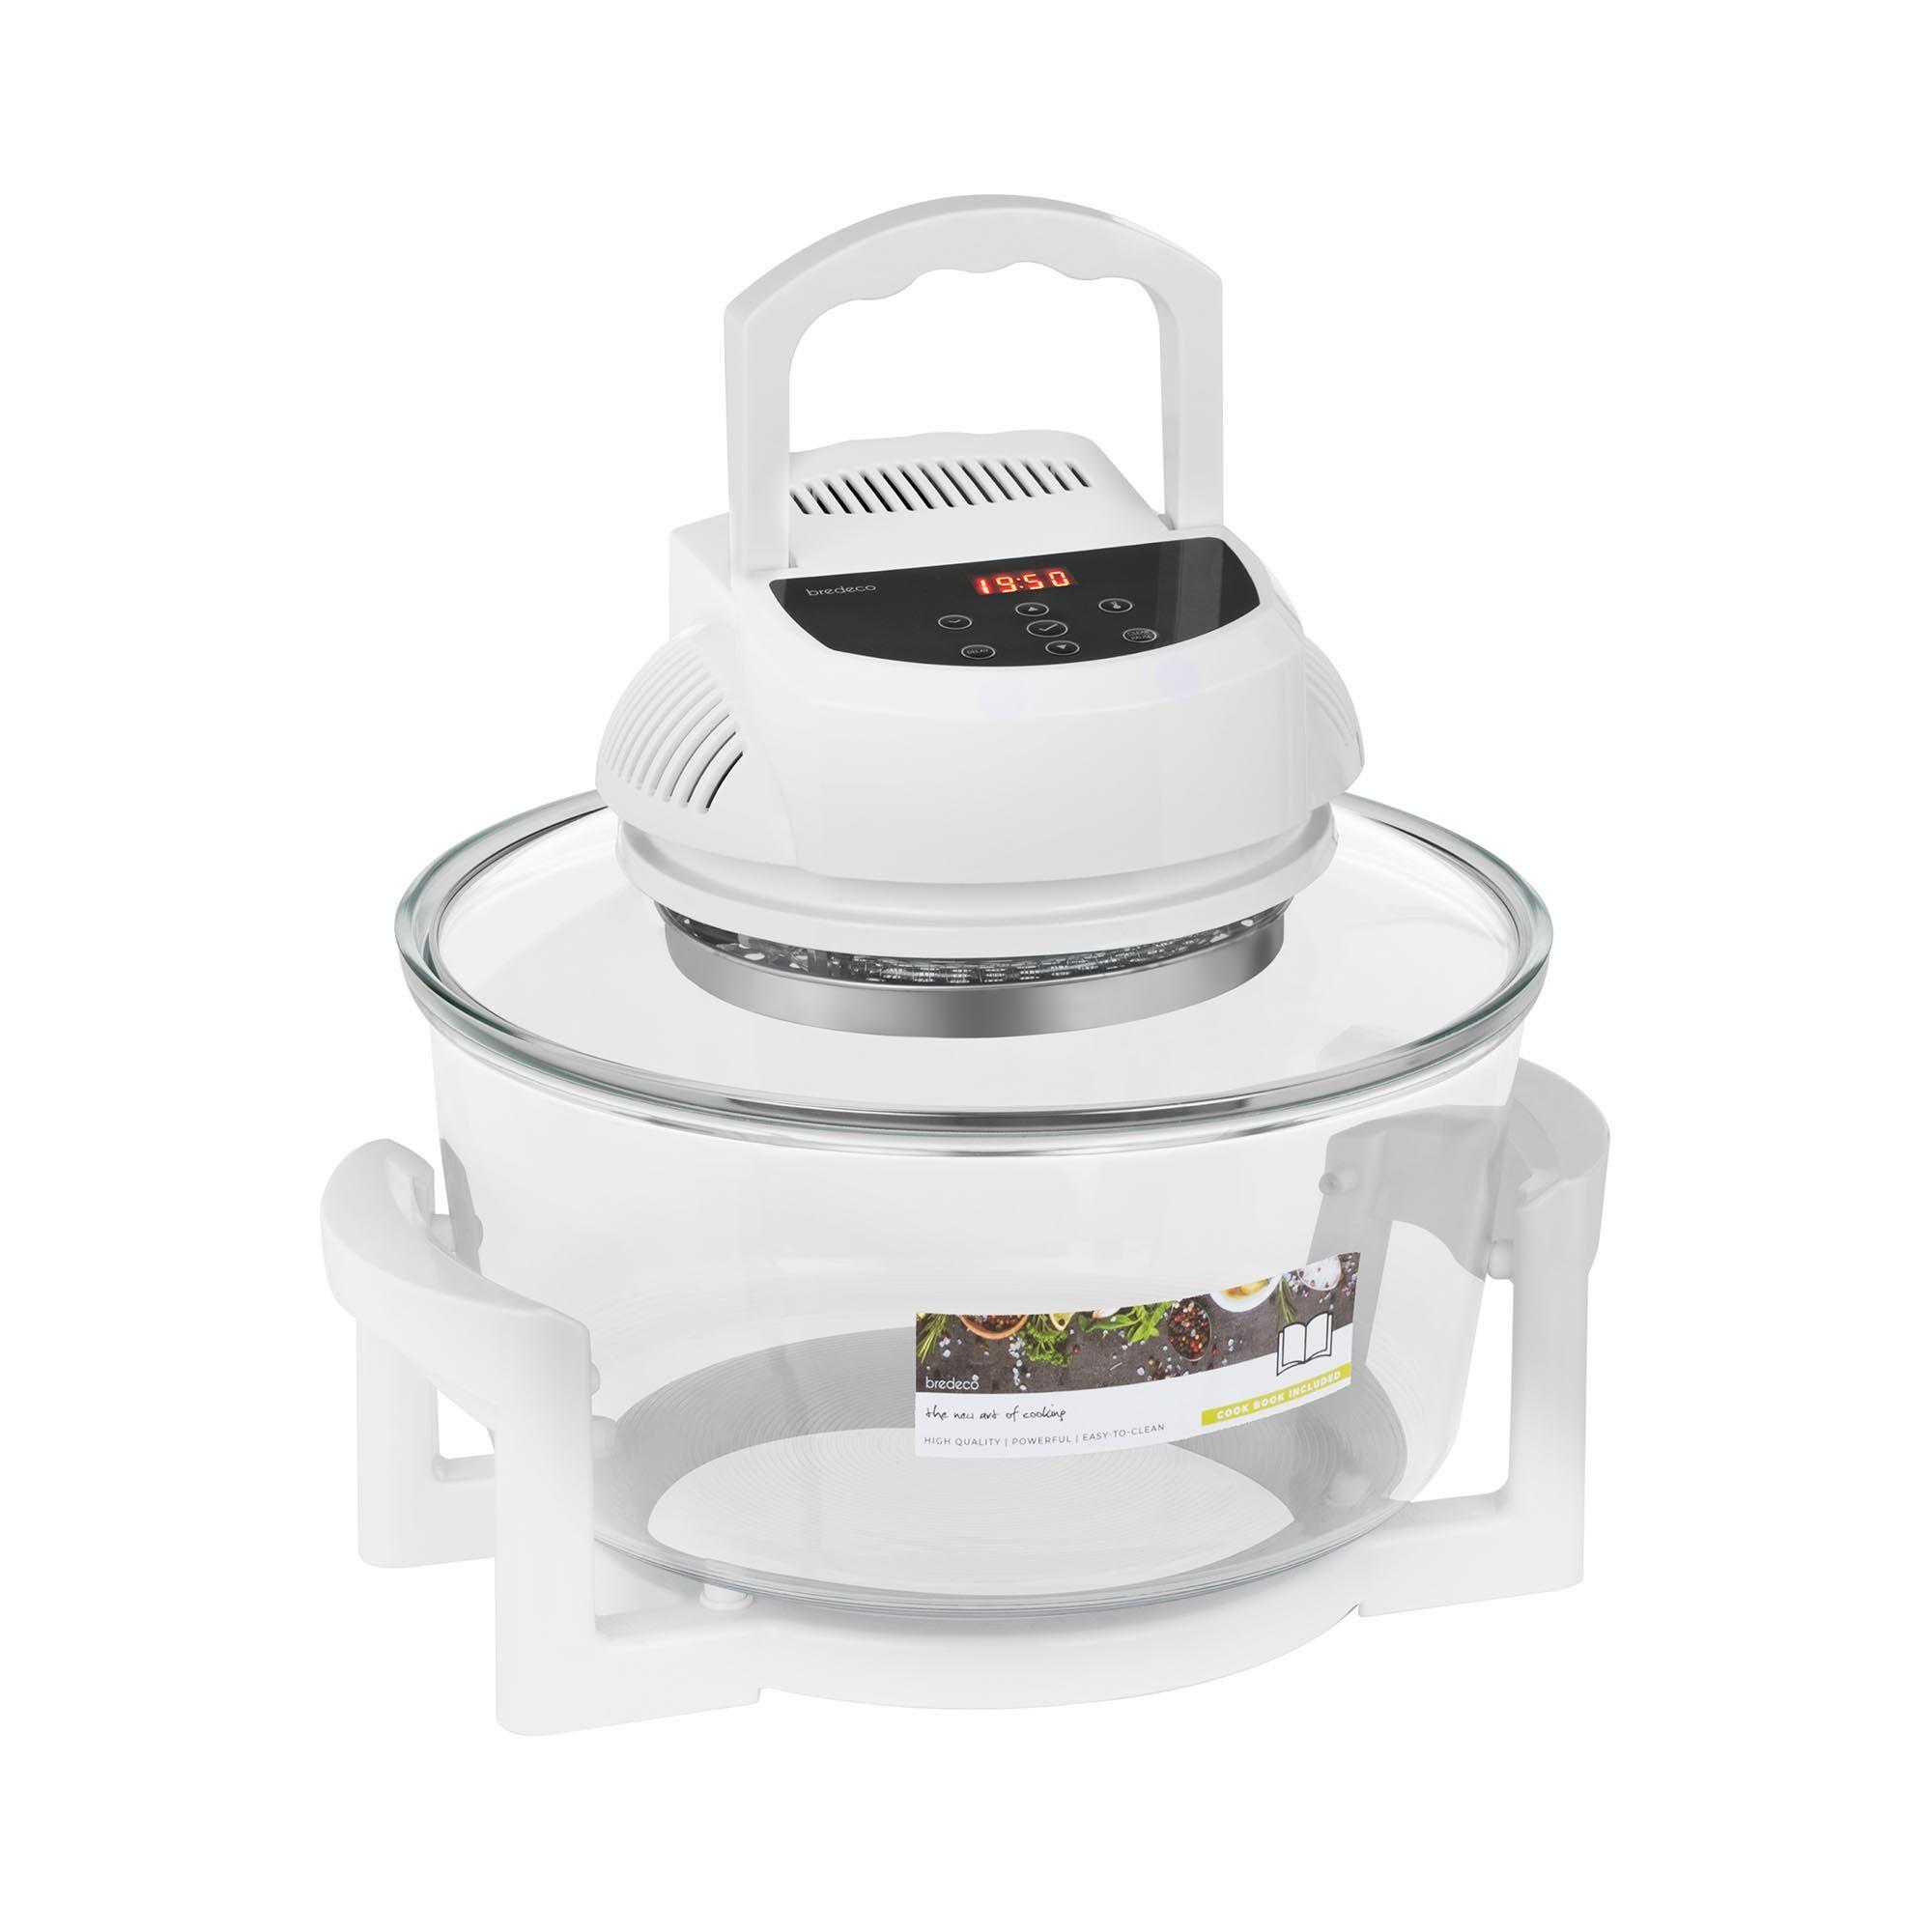 bredeco Forno alogeno con anello di espansione - digitale - 250 °C - 180 min